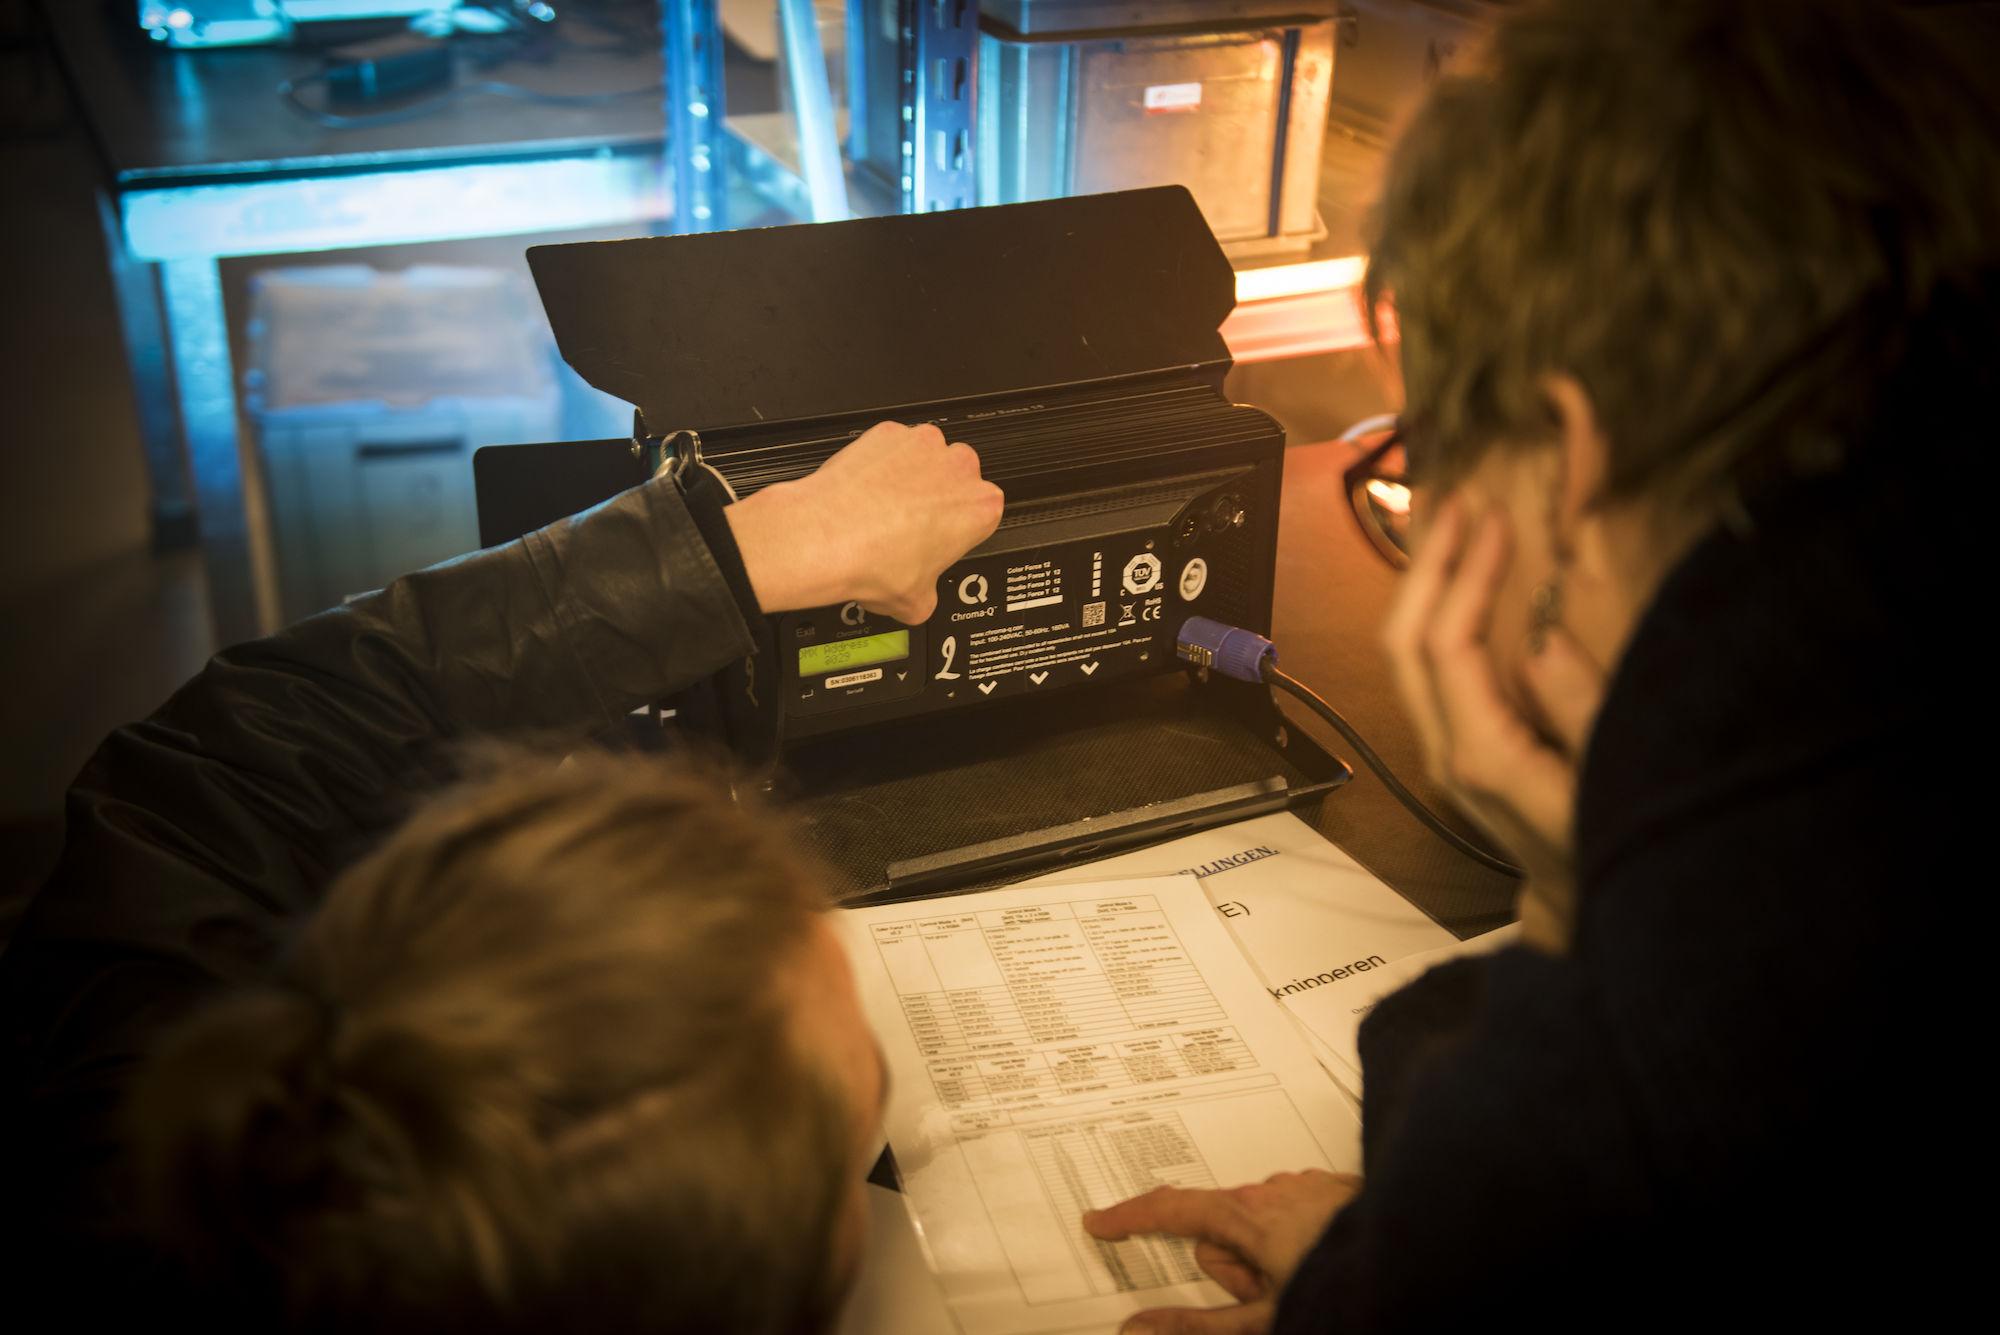 180208-uitleendienst-workshop-dmx-00041.jpg